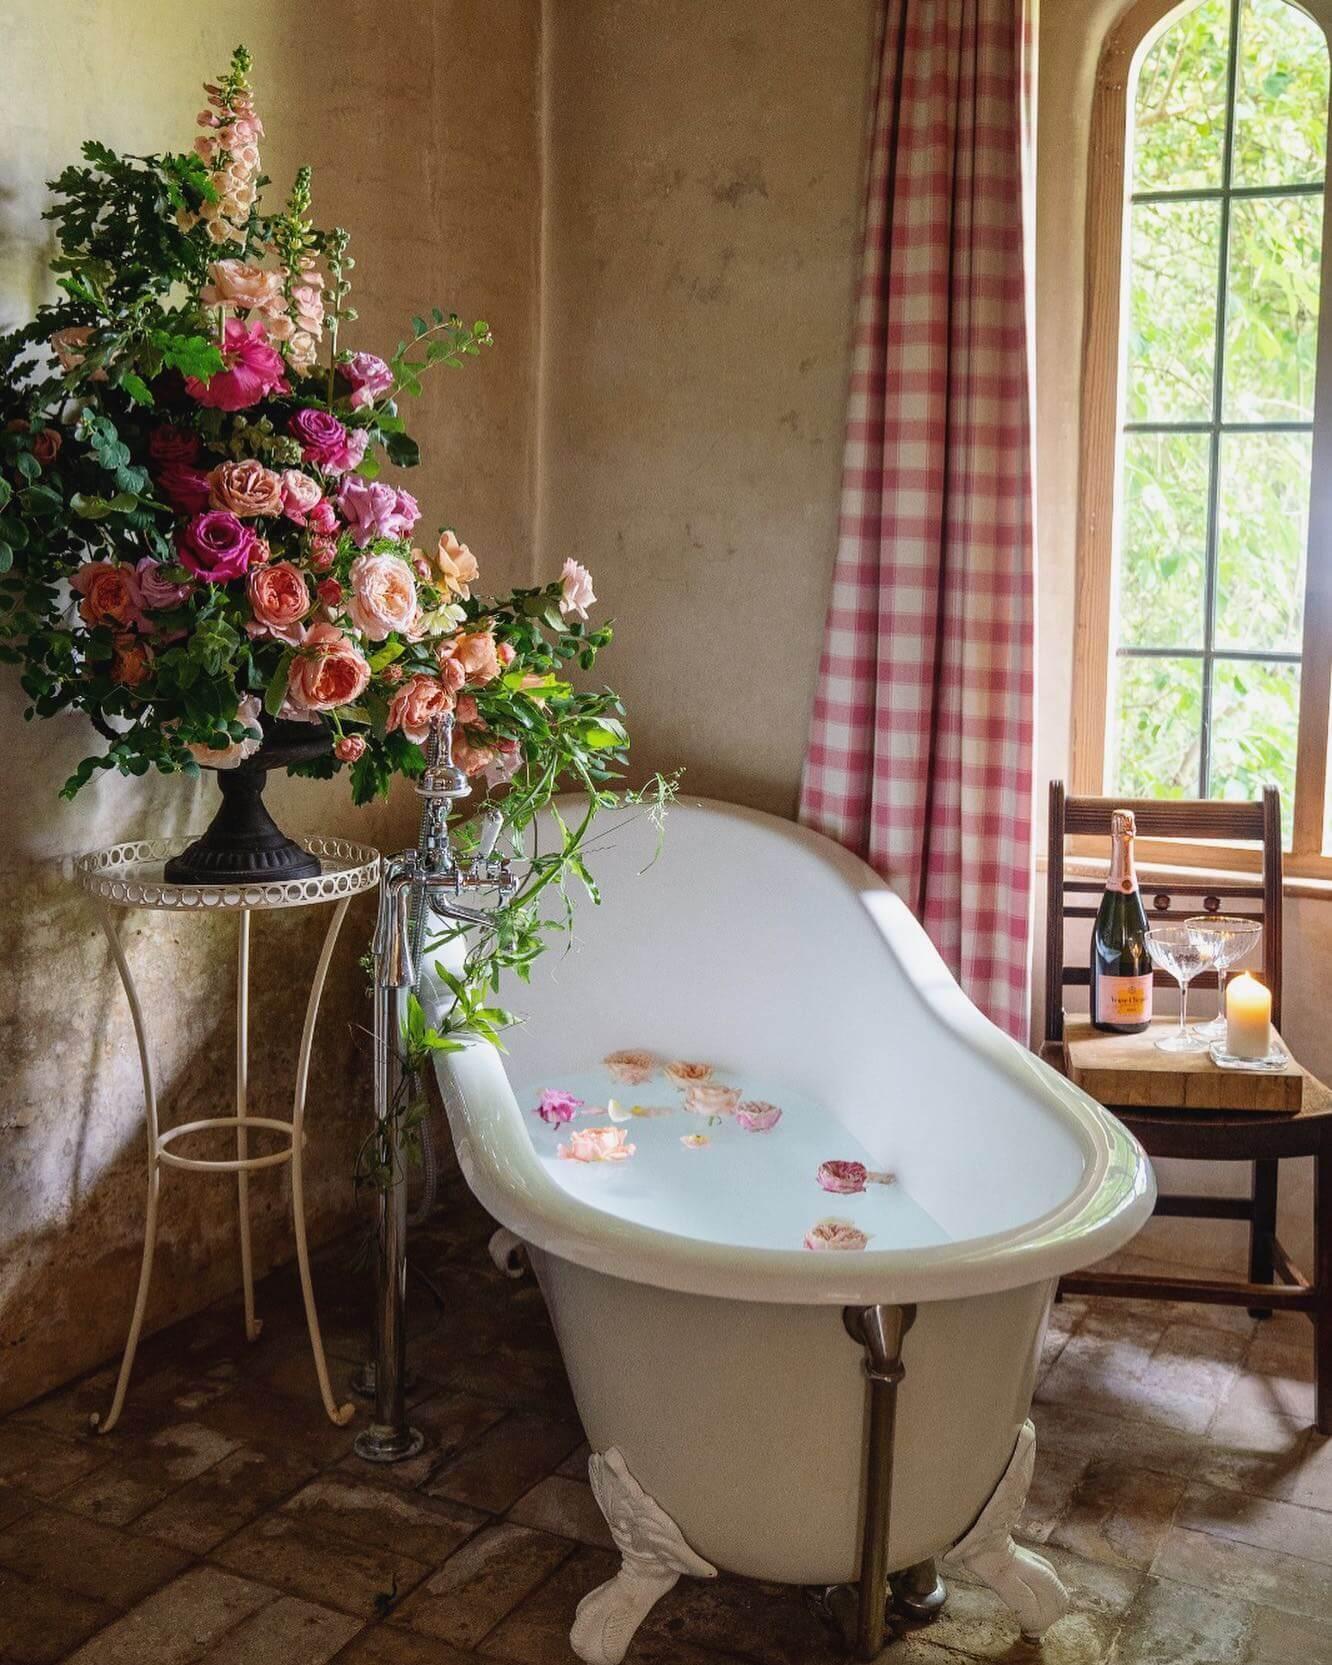 wilderness reserve suffolk bath